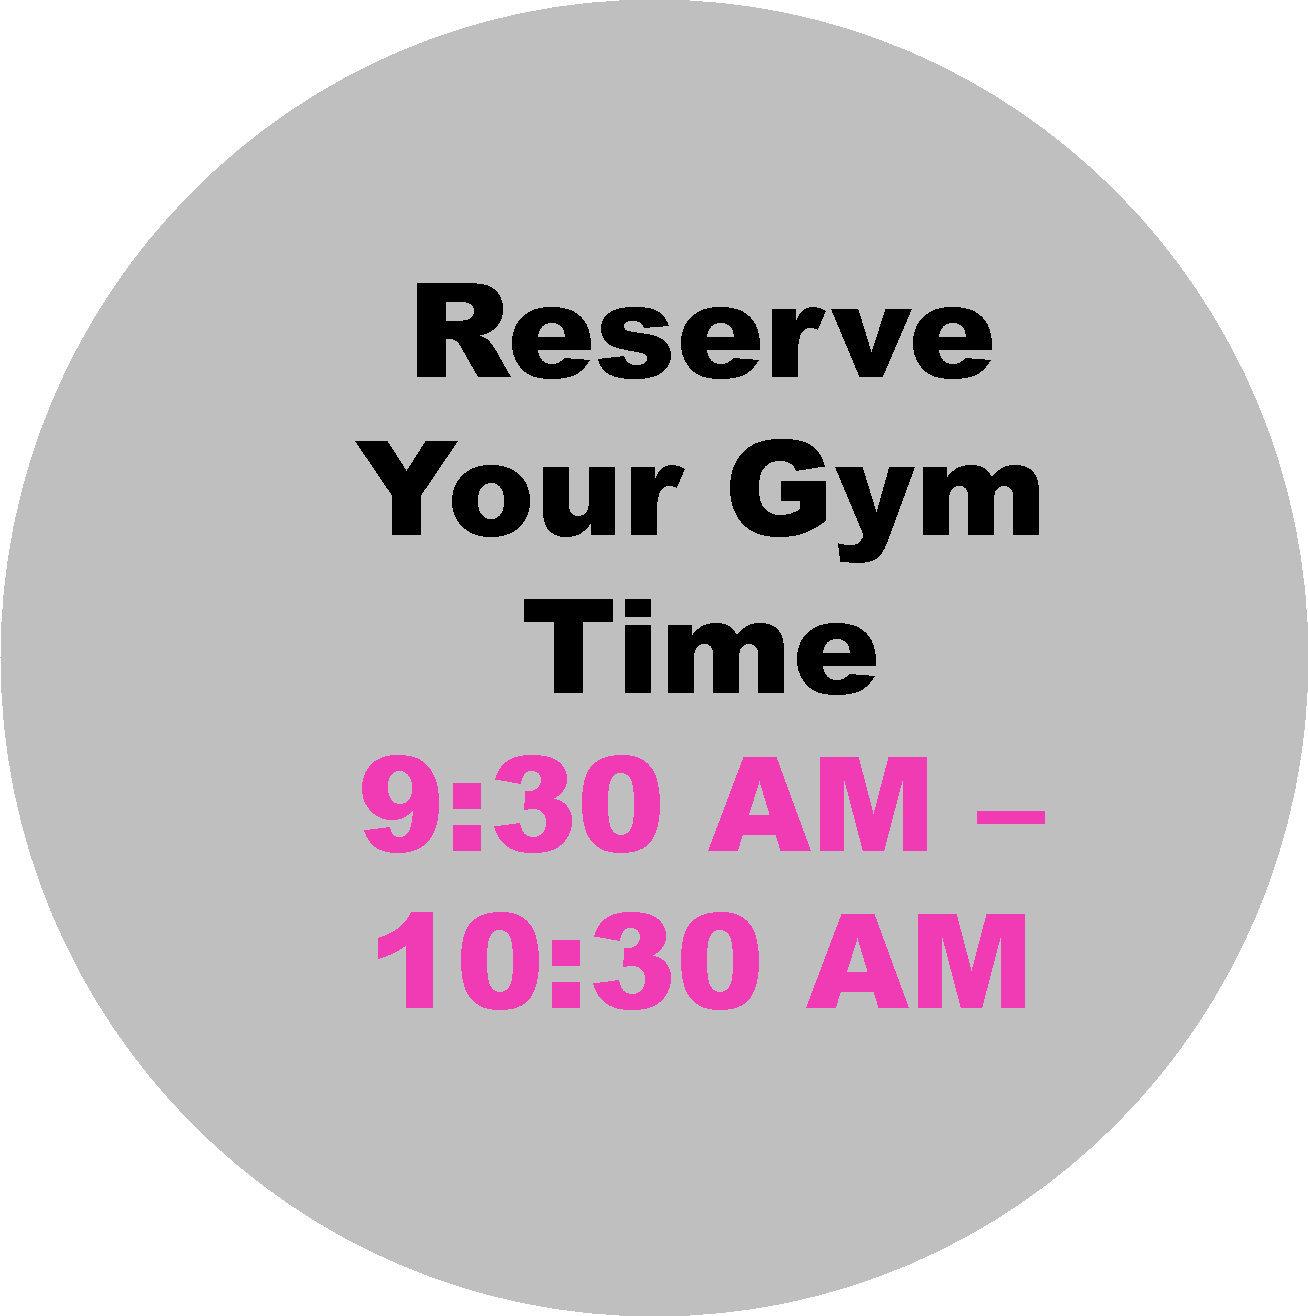 9:30 AM - 10:30 AM Workout Hour